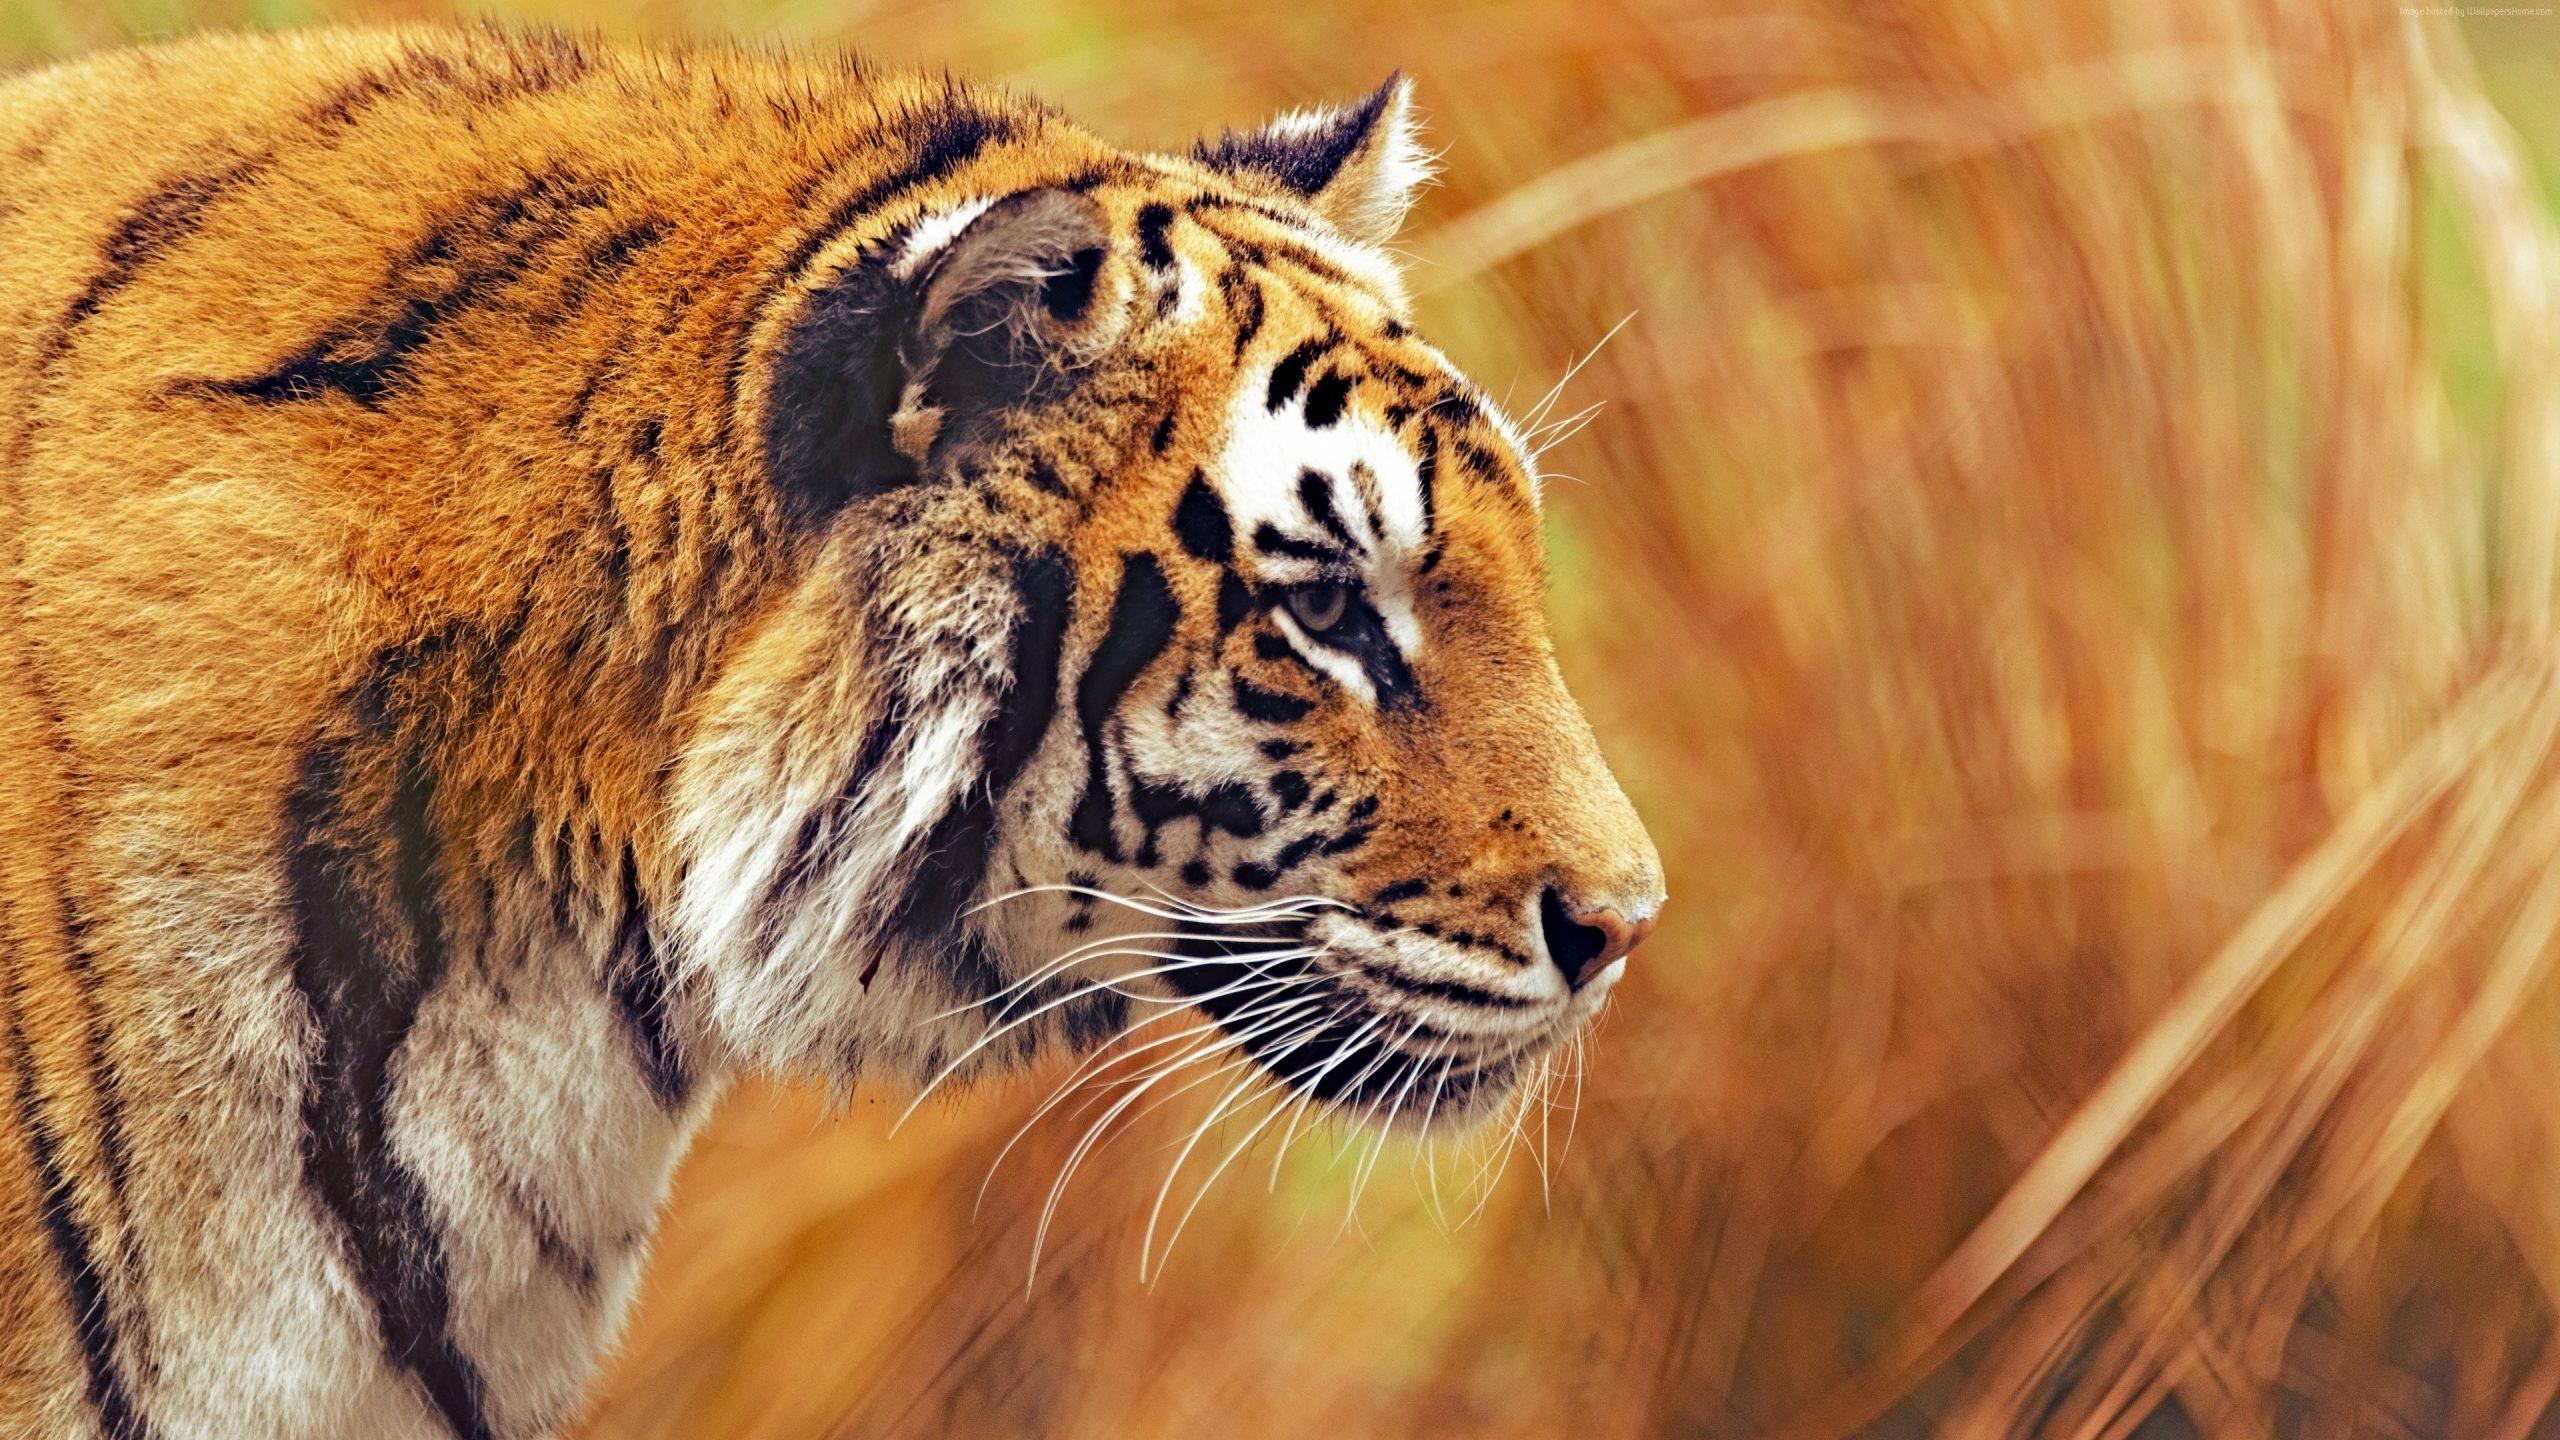 Fond D'Écran : Animaux, La Photographie, Tigre, Faune dedans Tigre Savane